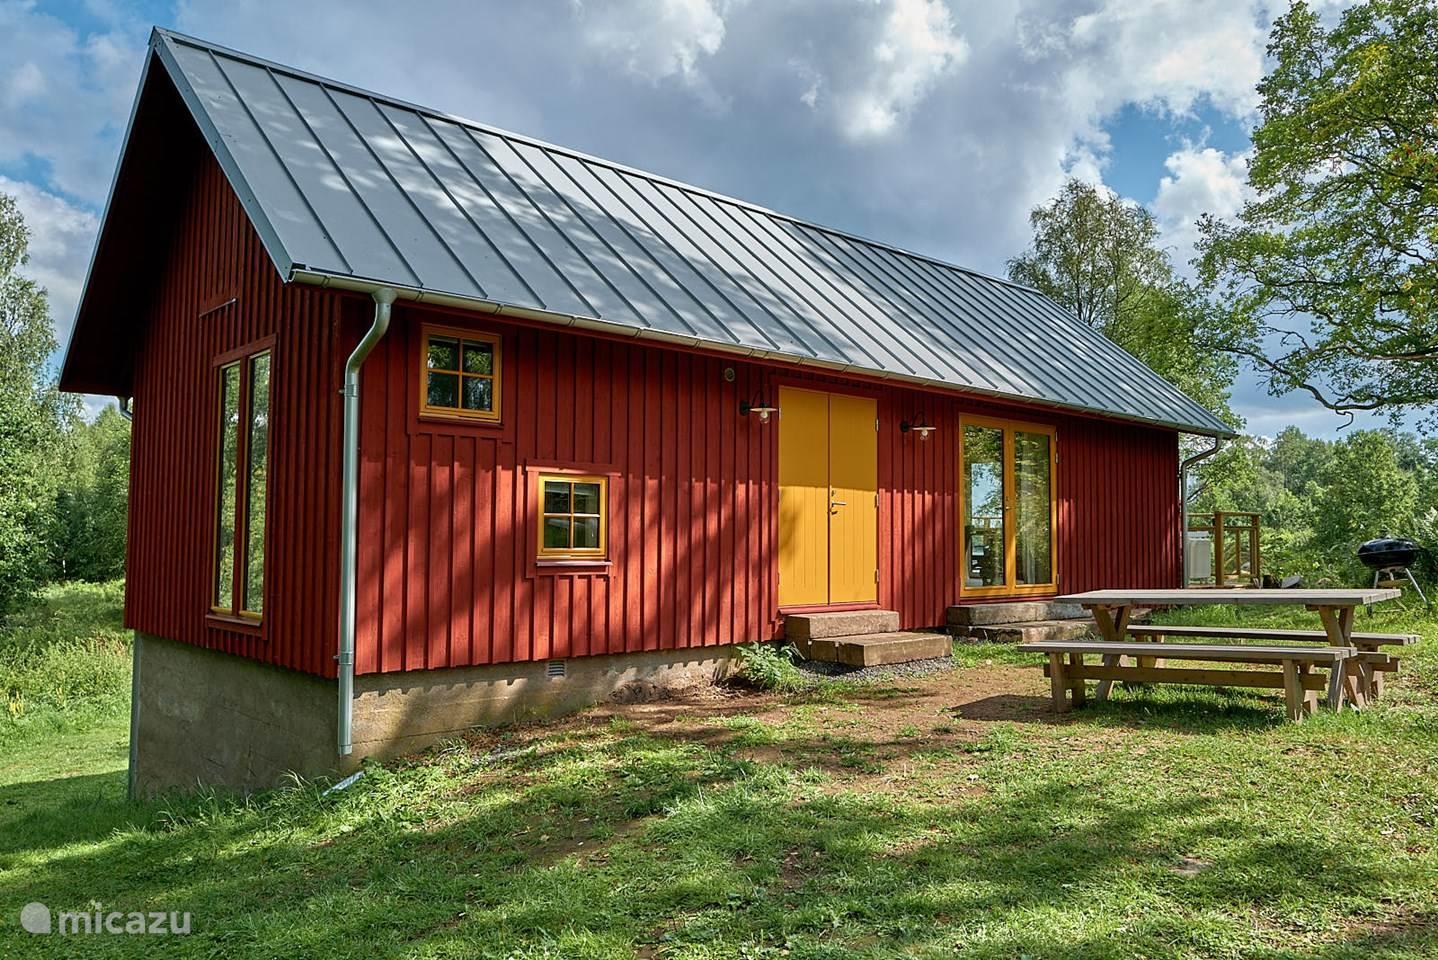 Gîte / hütte Agundaborg Lake Cottage in Ljungby, Småland, Schweden ...